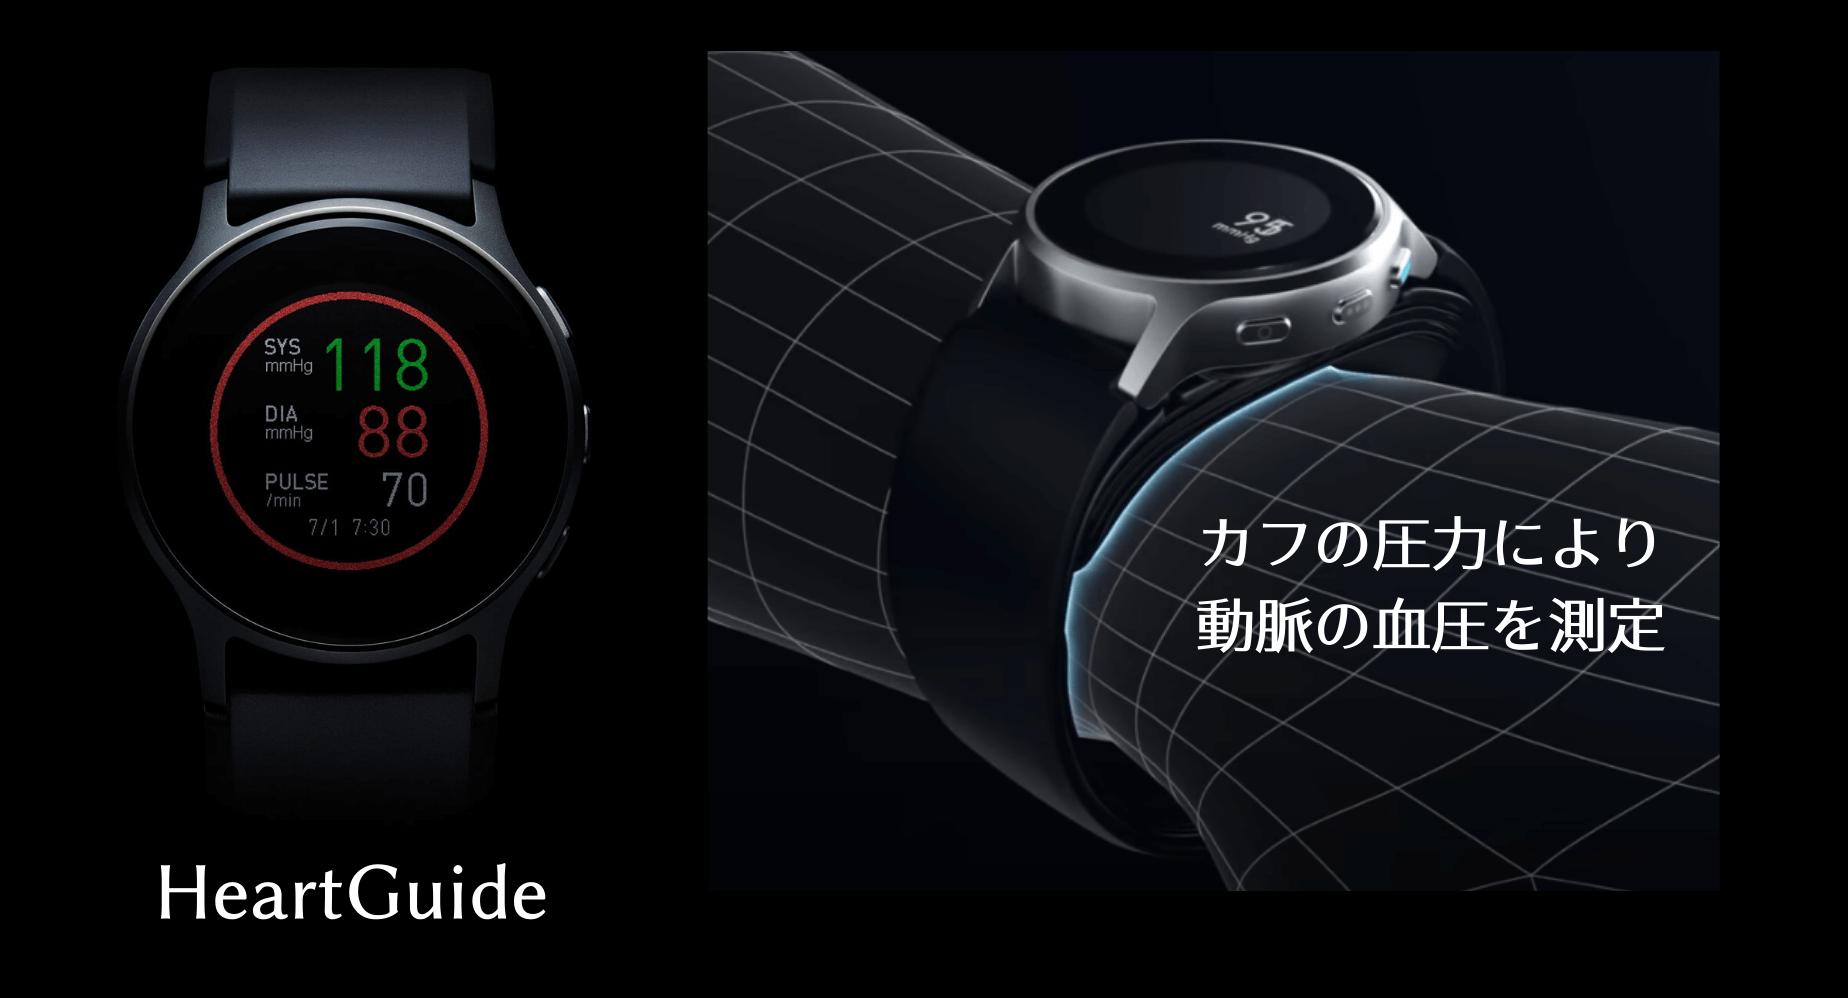 オムロンの日本製の血圧測定スマートウォッチの測定原理